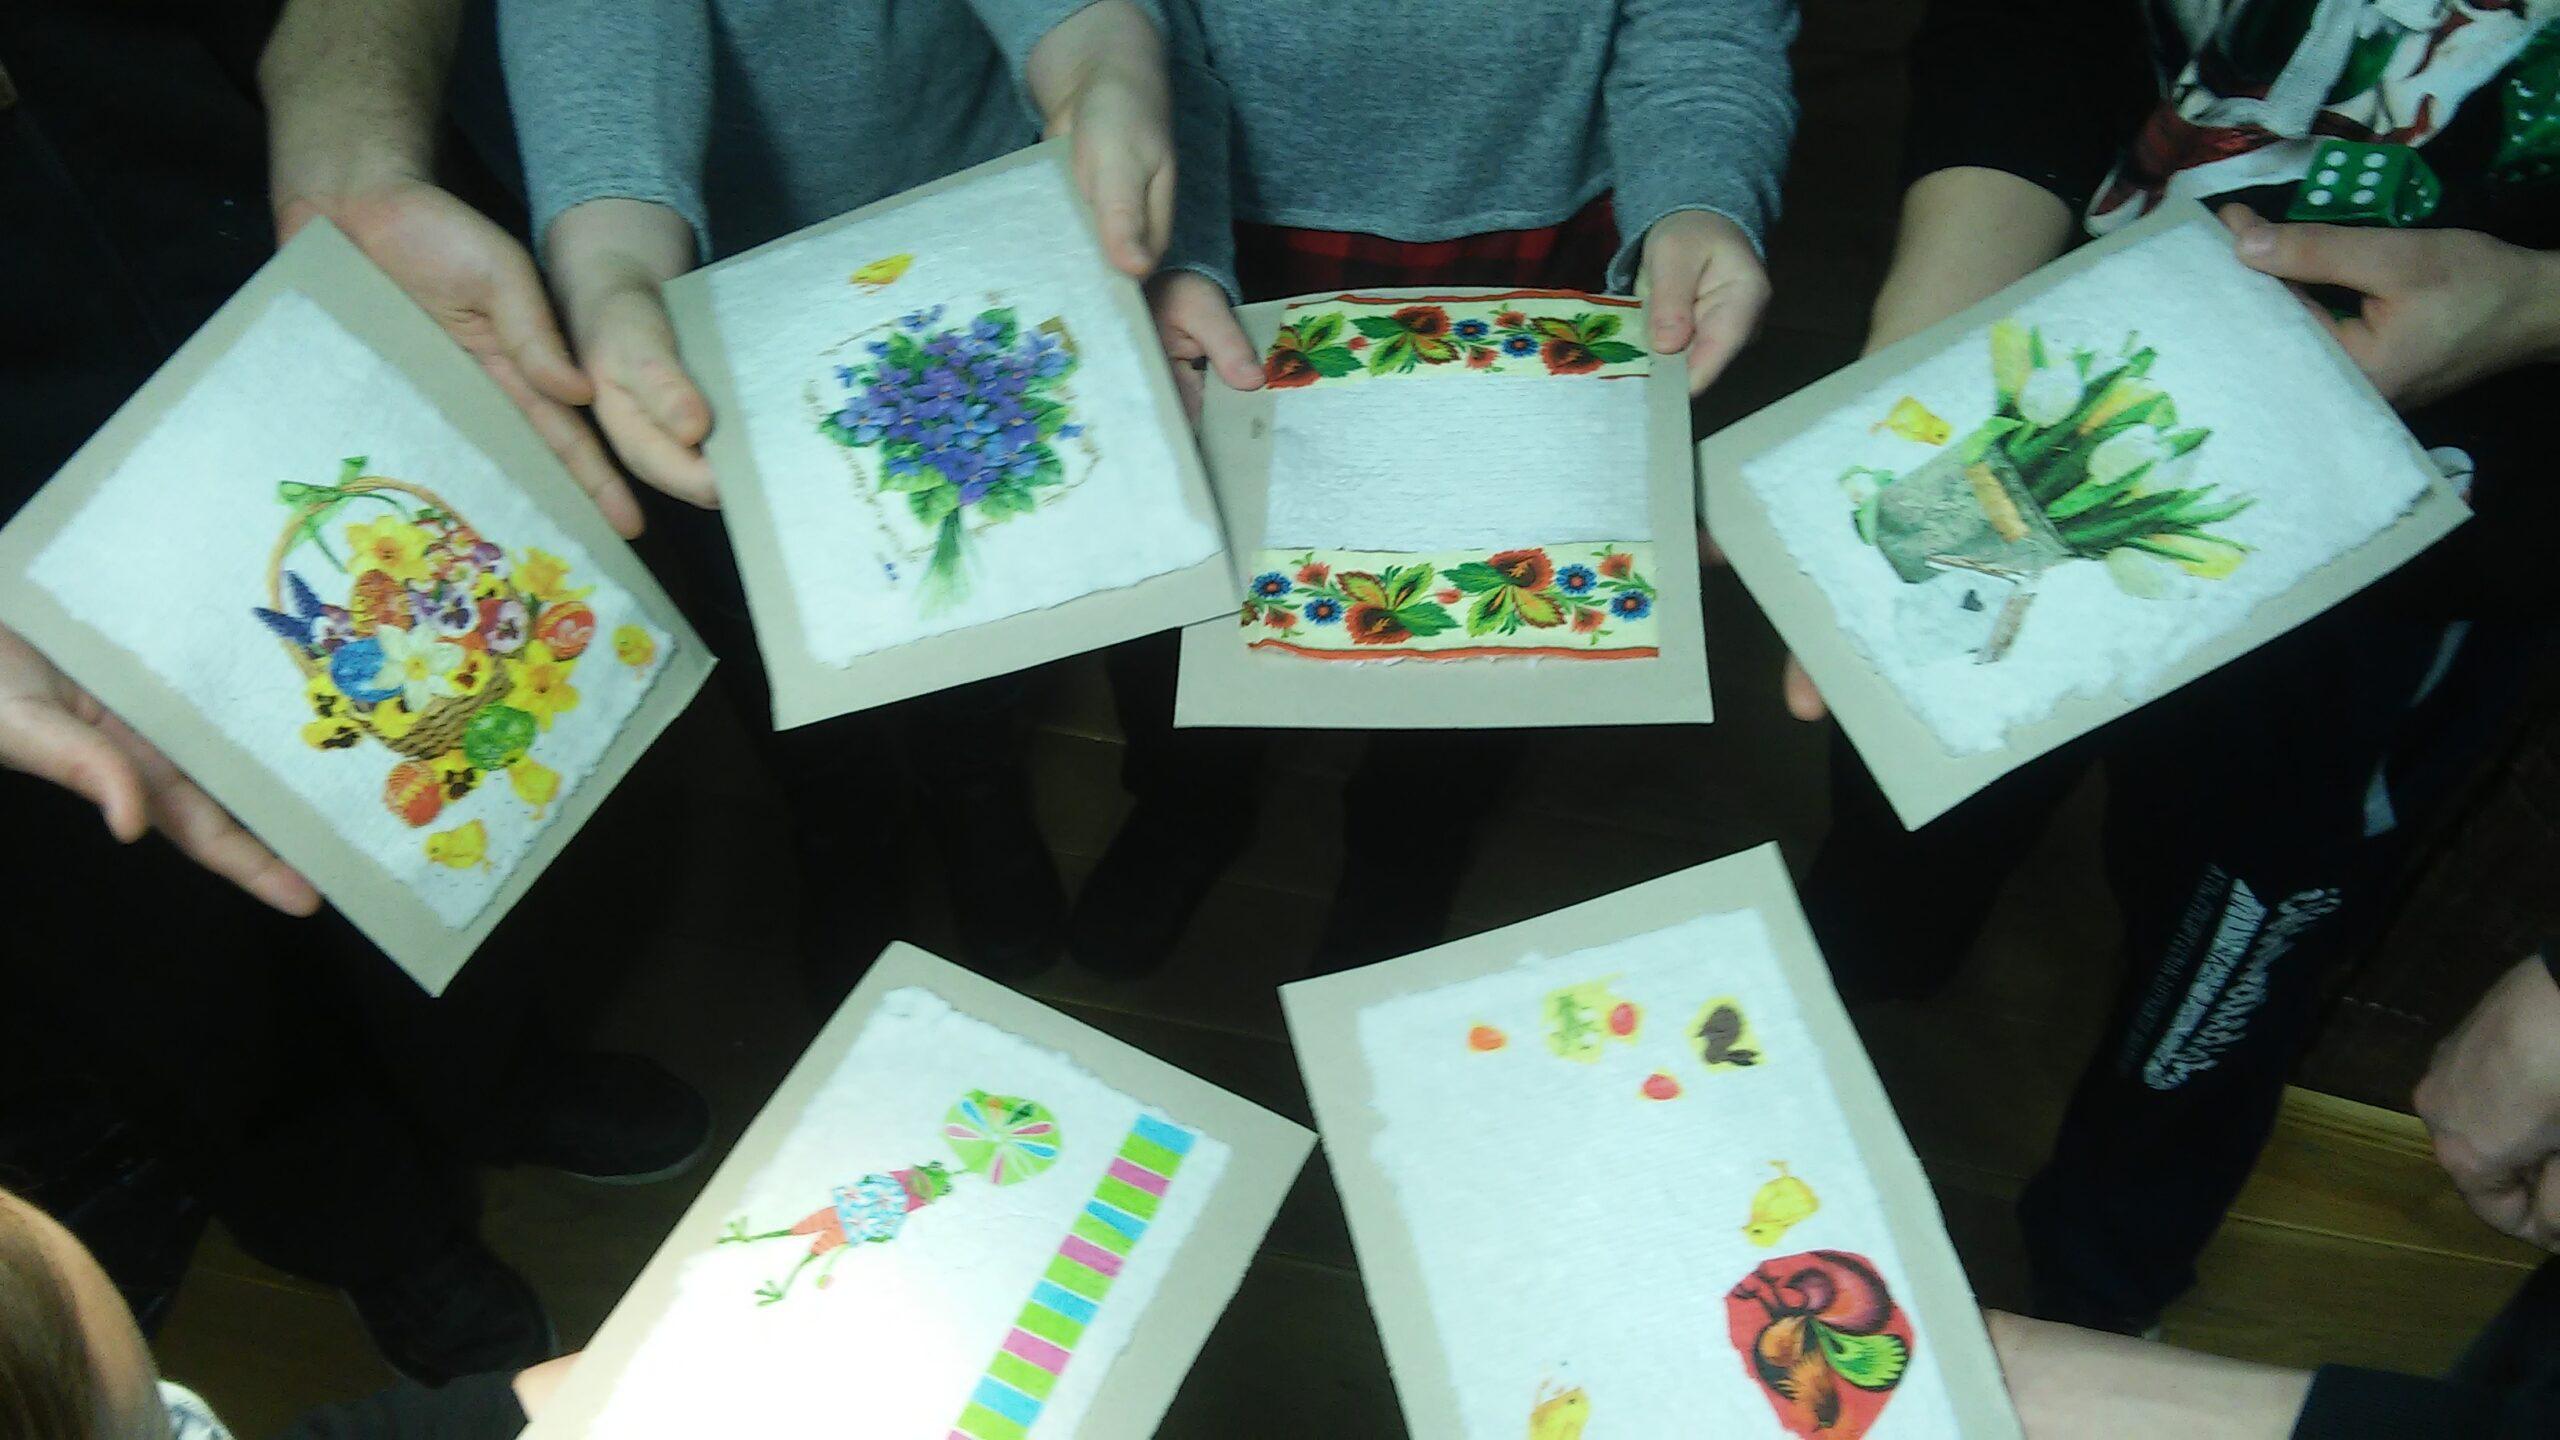 Czerpiemy papier i radość